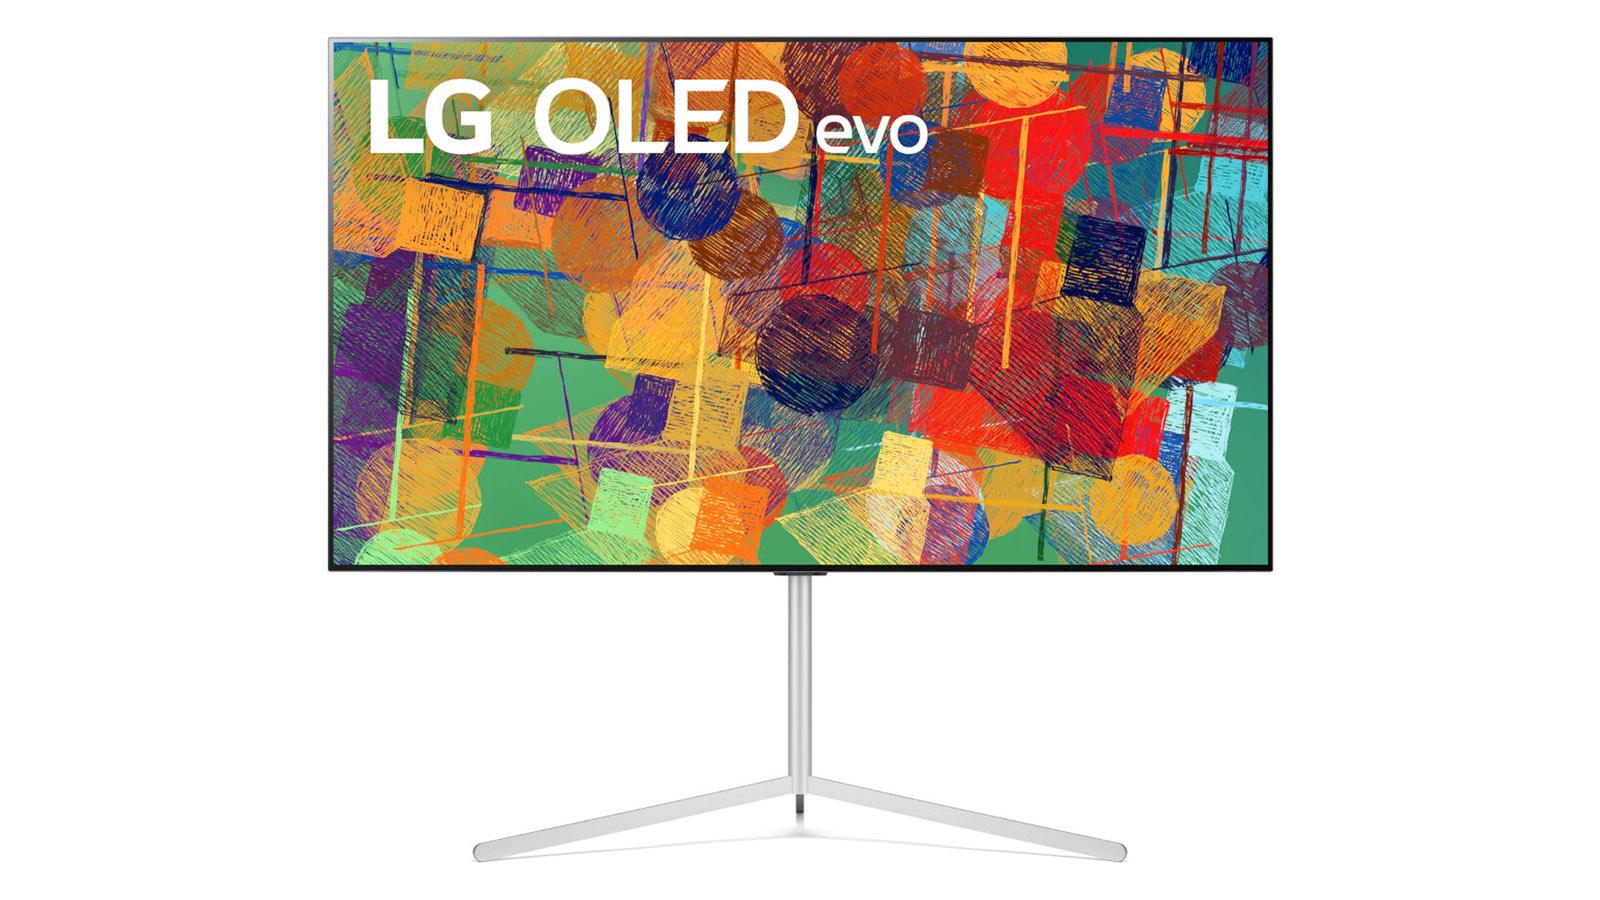 LG OLED Evo 65 G1